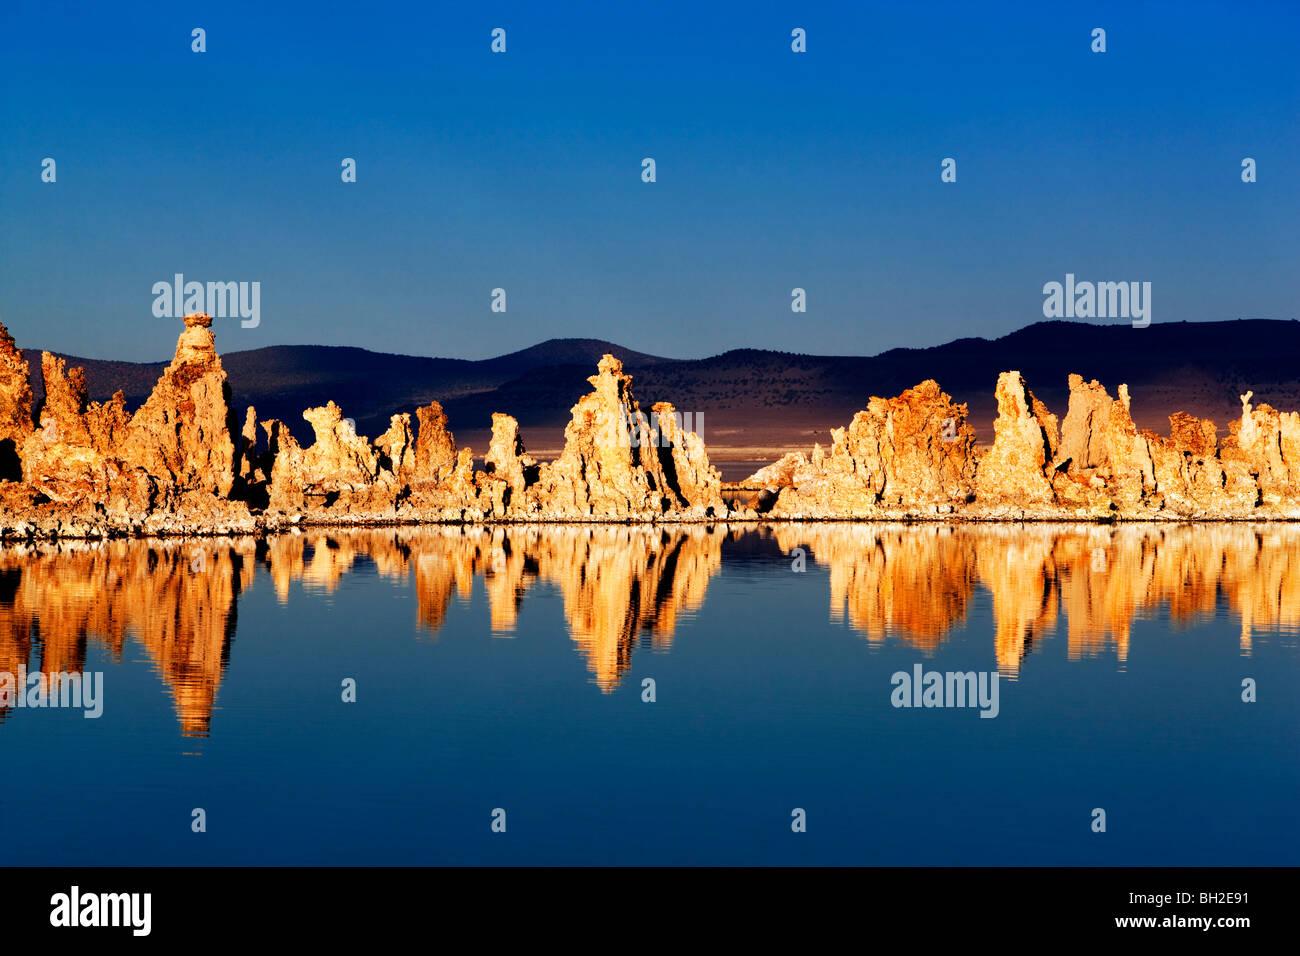 Il tufo e riflessi nel lago Mono, California Immagini Stock